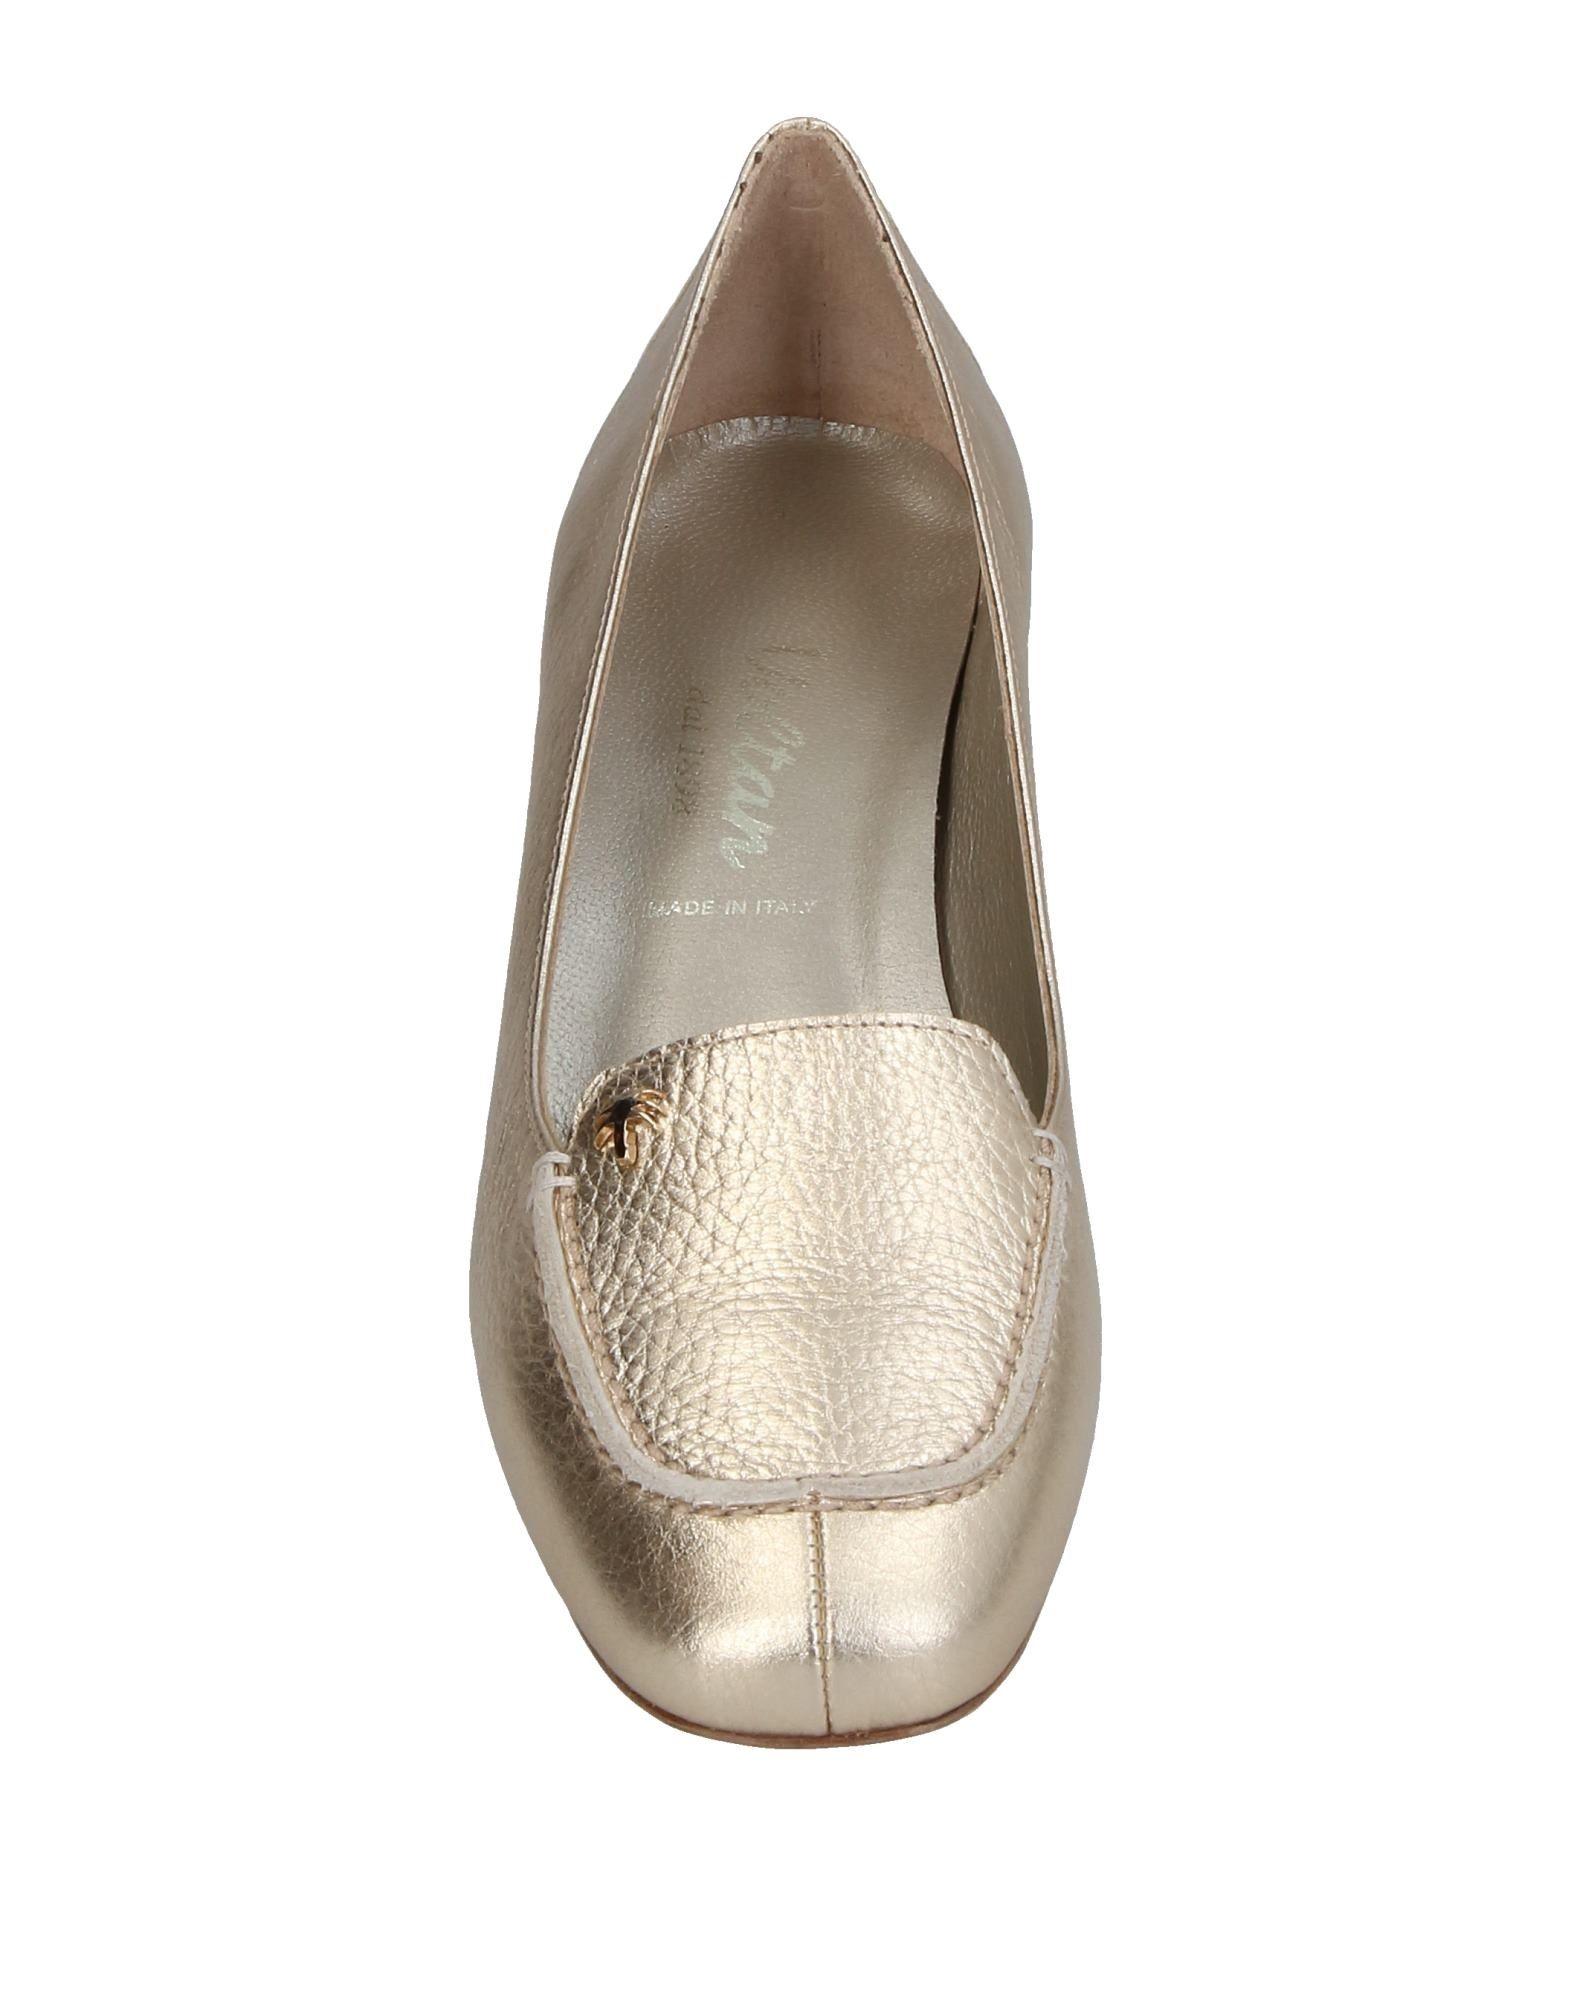 Voltan Mokassins Qualität Damen  11384933TJ Gute Qualität Mokassins beliebte Schuhe e6f50d